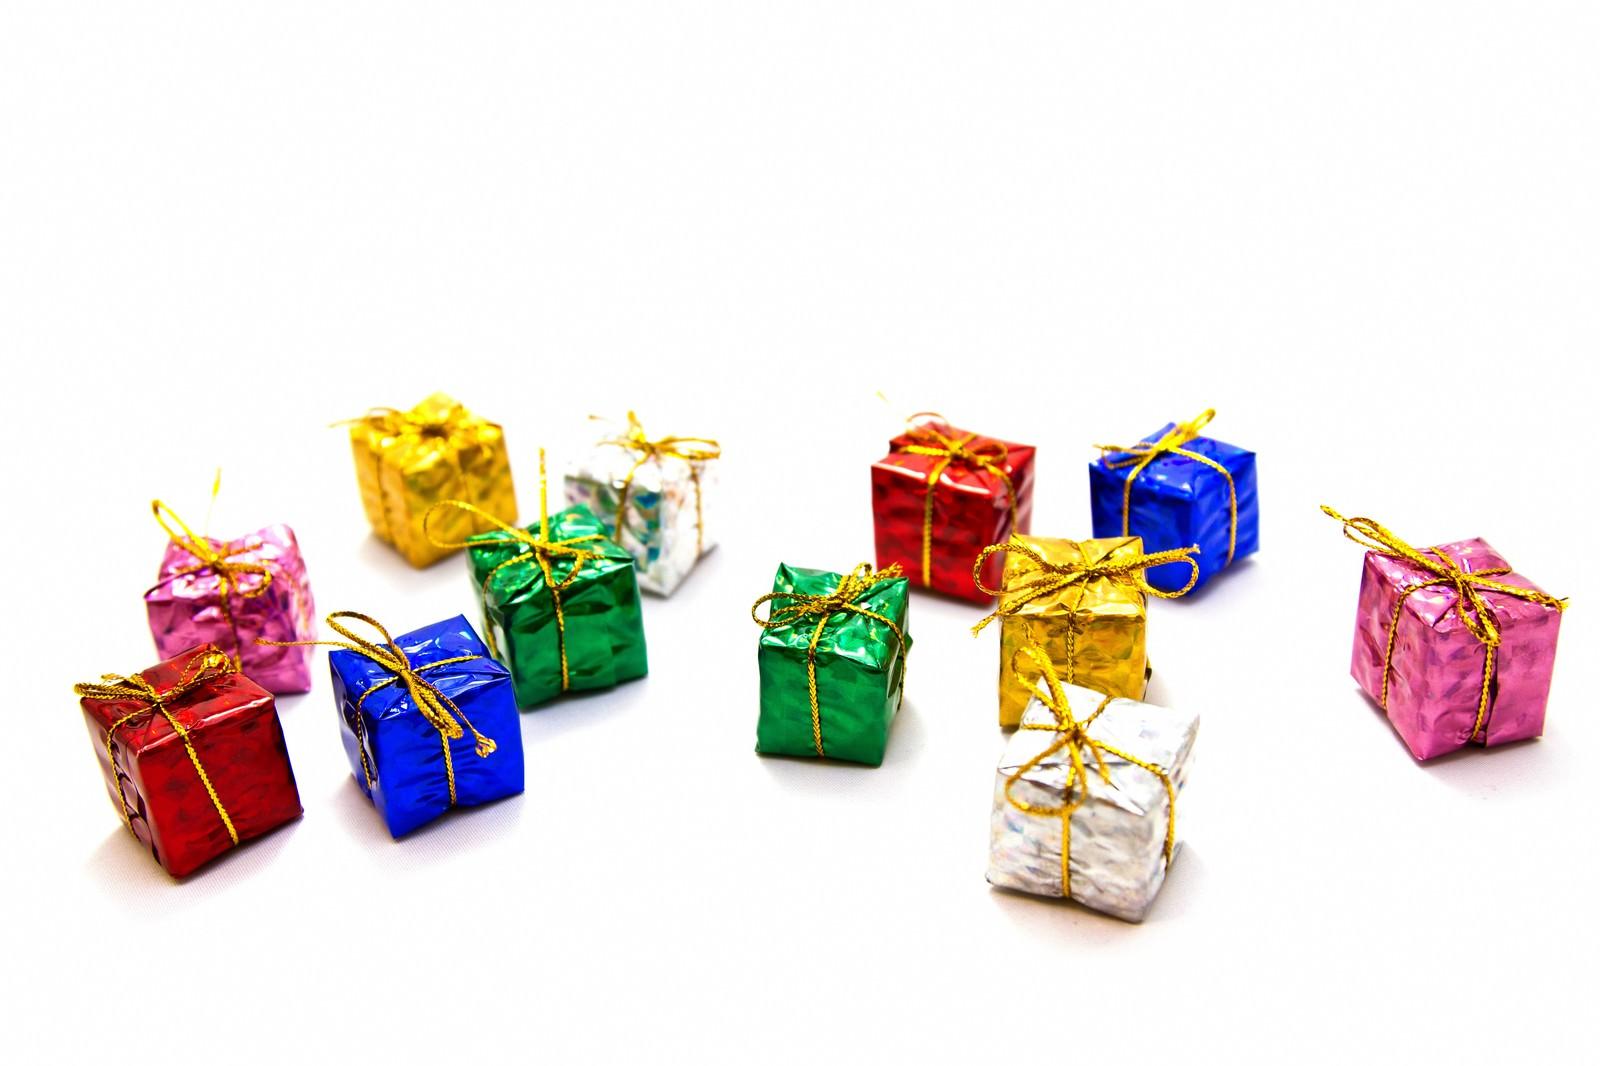 「散らばったプレゼント」の写真